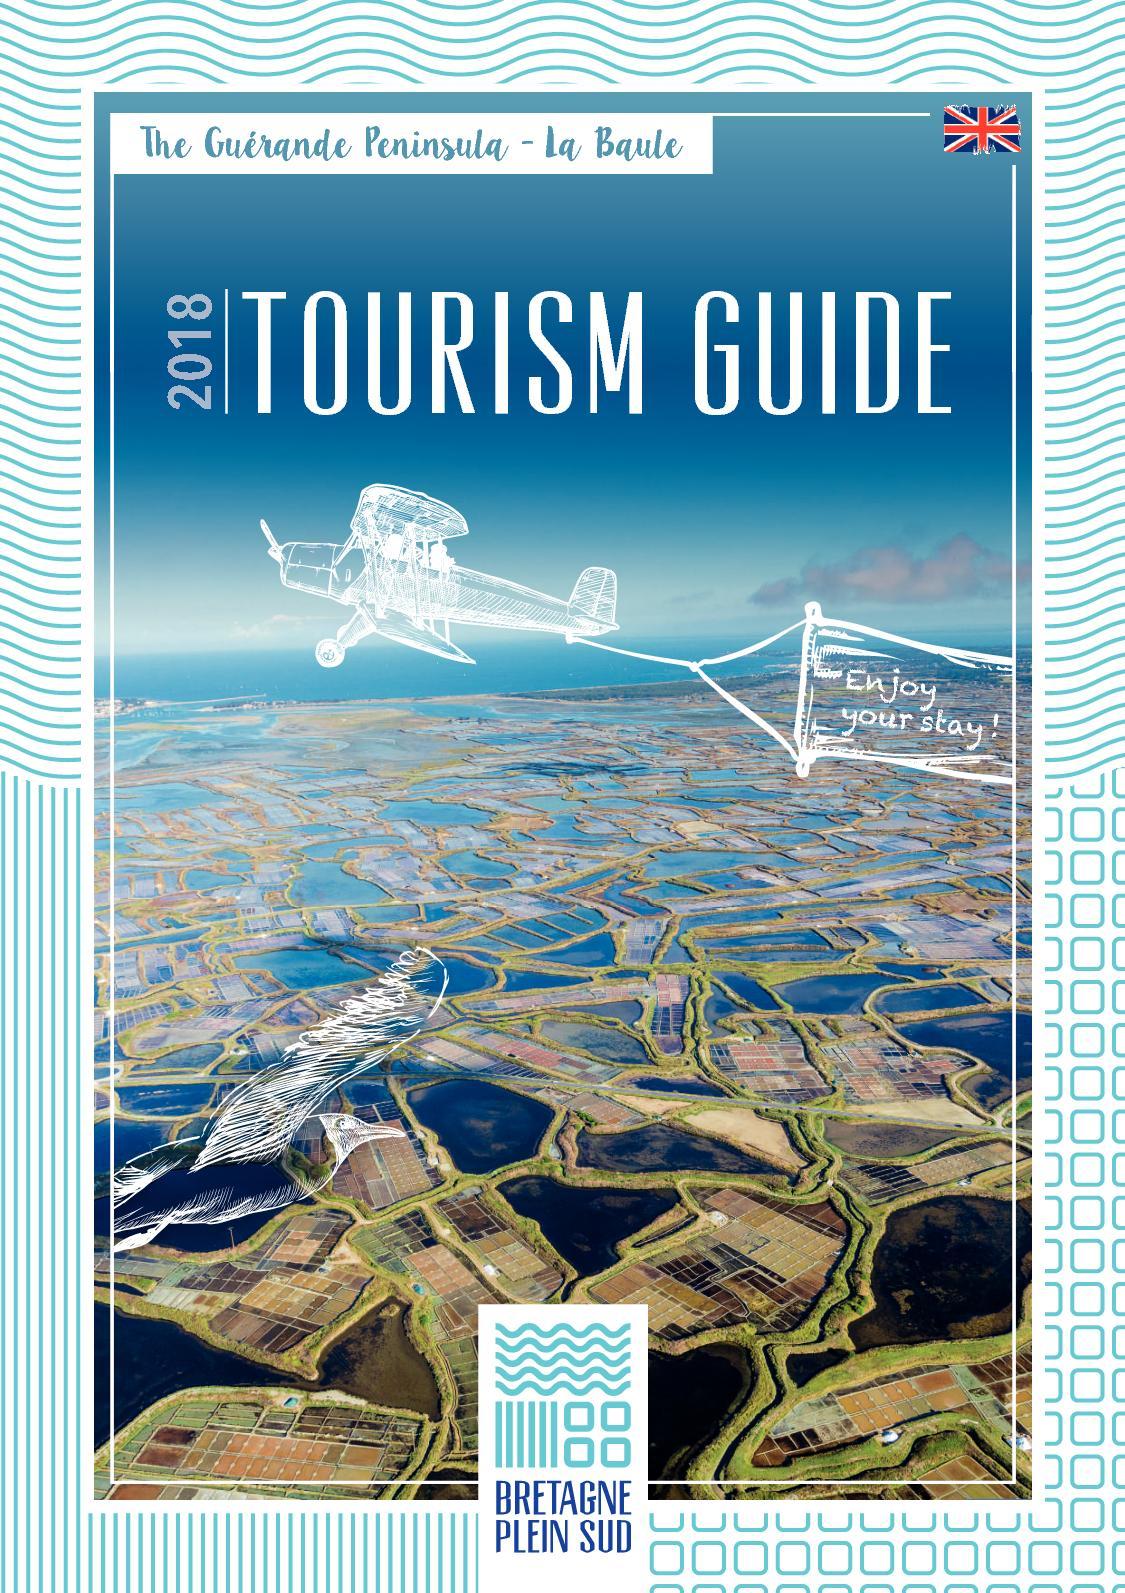 Calaméo - Tourism Guide 2018 - Destination Bretagne Plein Sud - EN